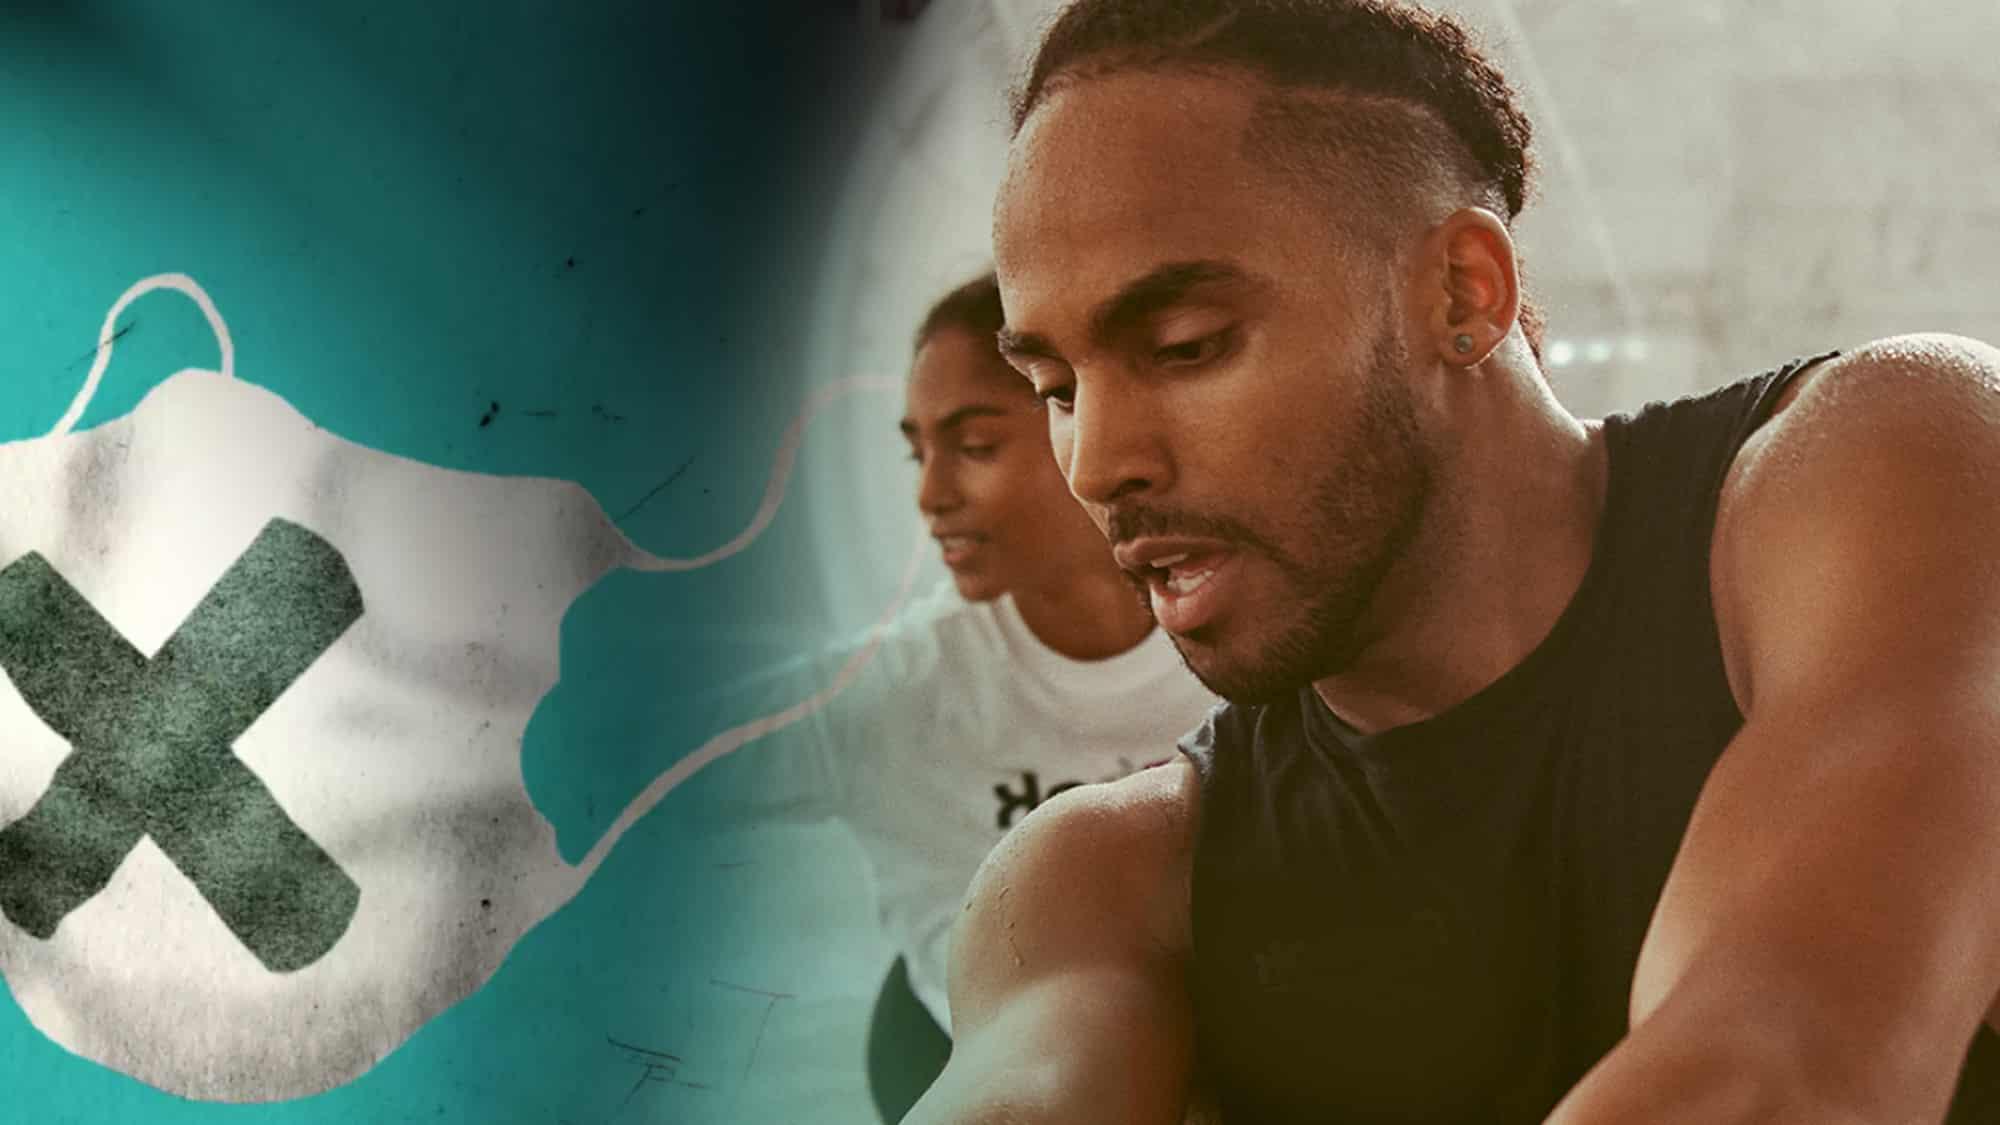 Les clubs de fitness sont essentiels au rétablissement mondial post COVID-19